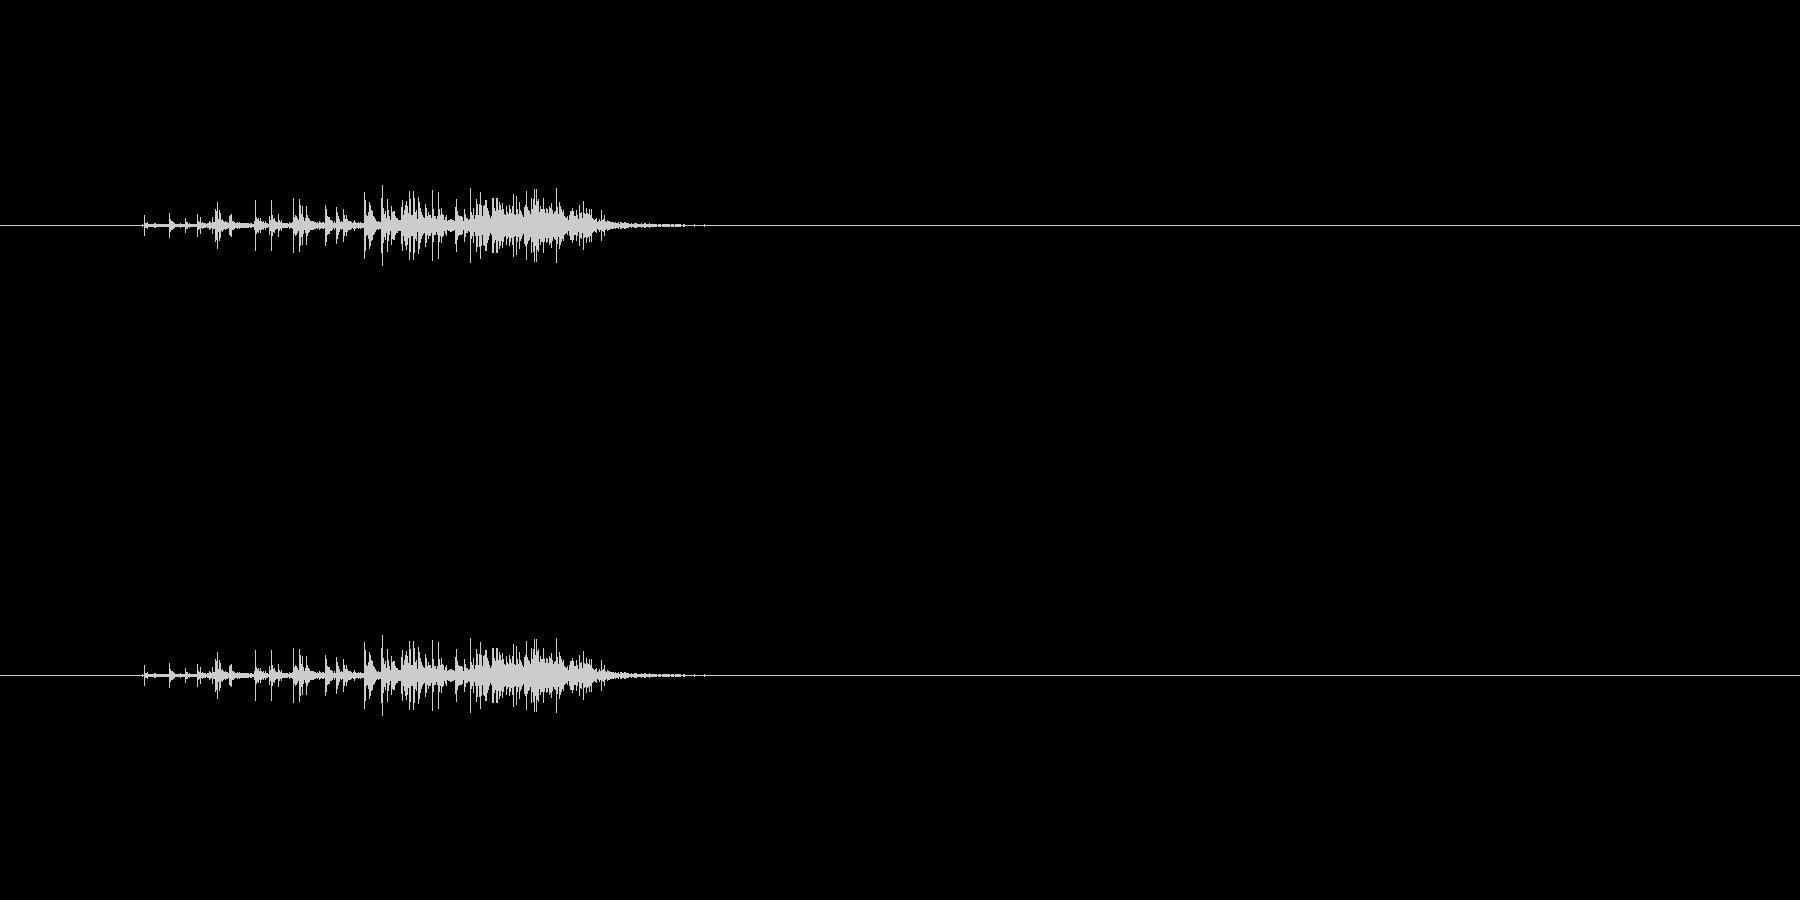 【セロテープ02-5(剥がす)】の未再生の波形